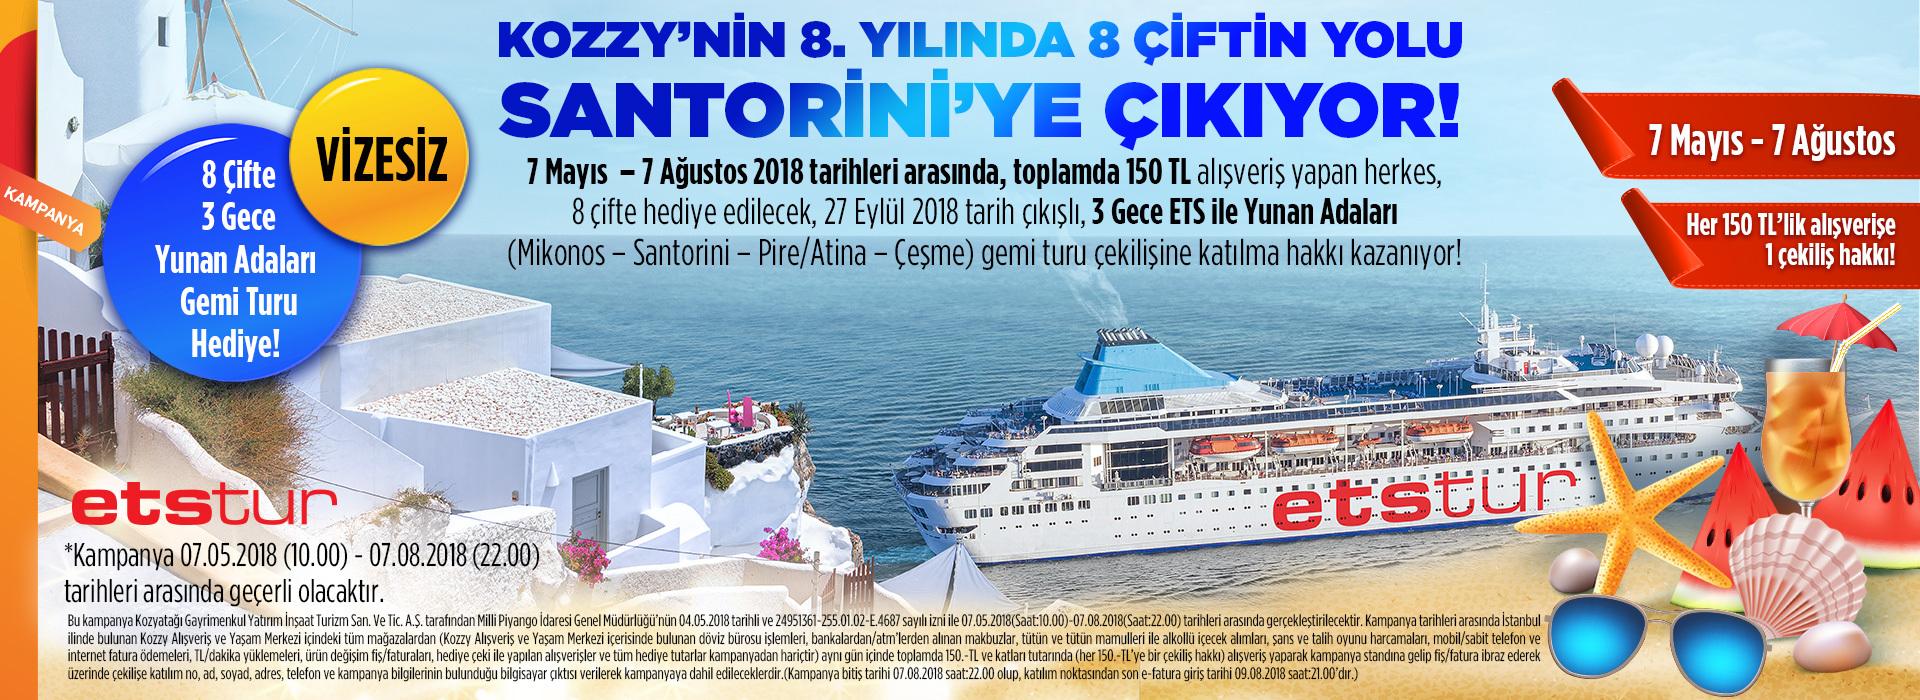 Kozzy'nin 8. Yılında 8 Çiftin Yolu Santorini'ye Çıkıyor!